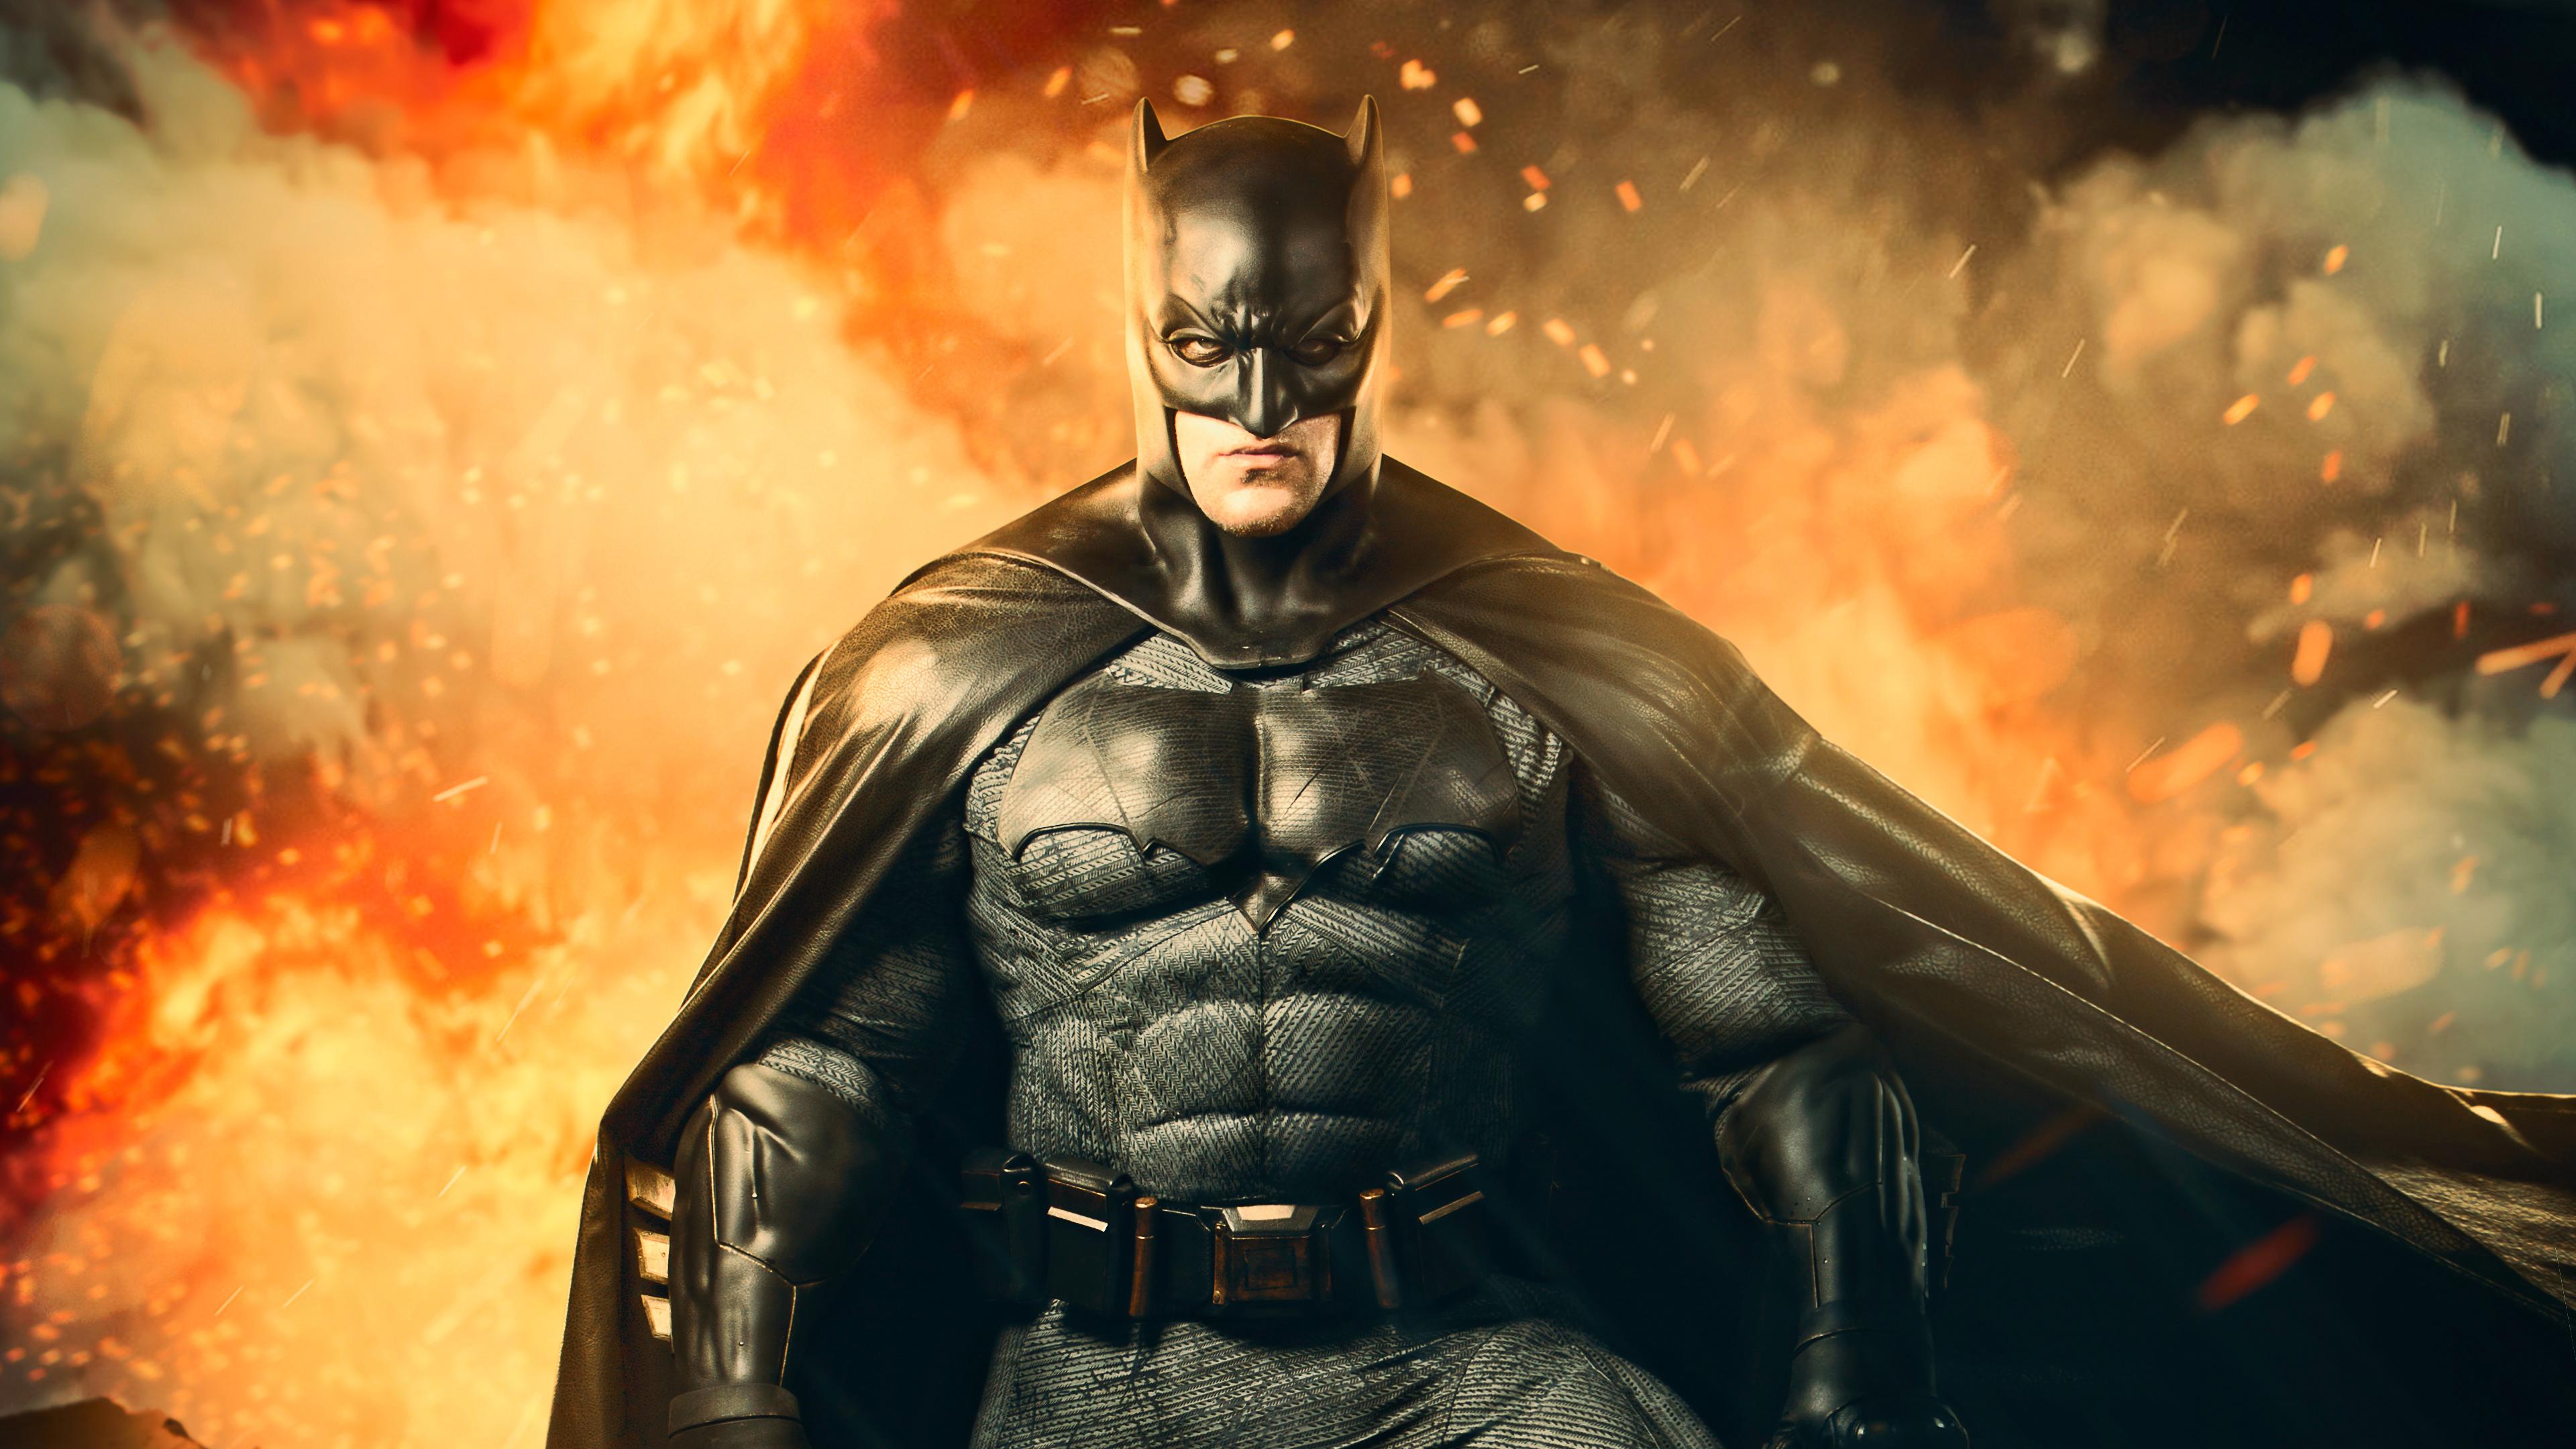 Batman 4k Cosplay, HD Superheroes, 4k Wallpapers, Images ...